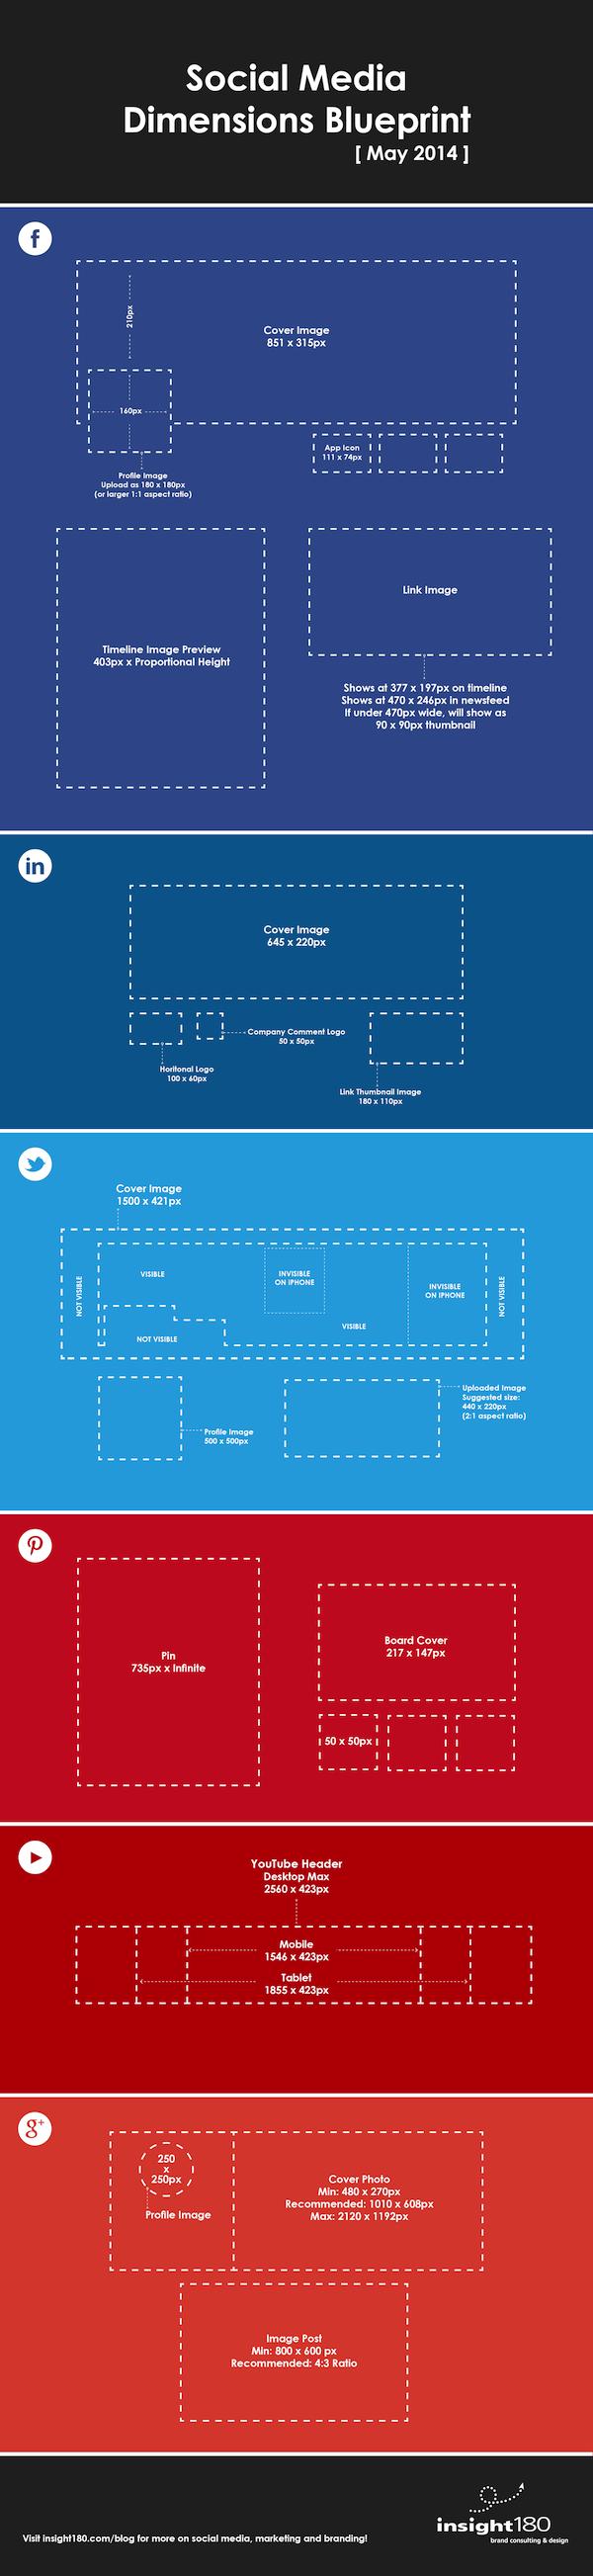 social-media-dimensions